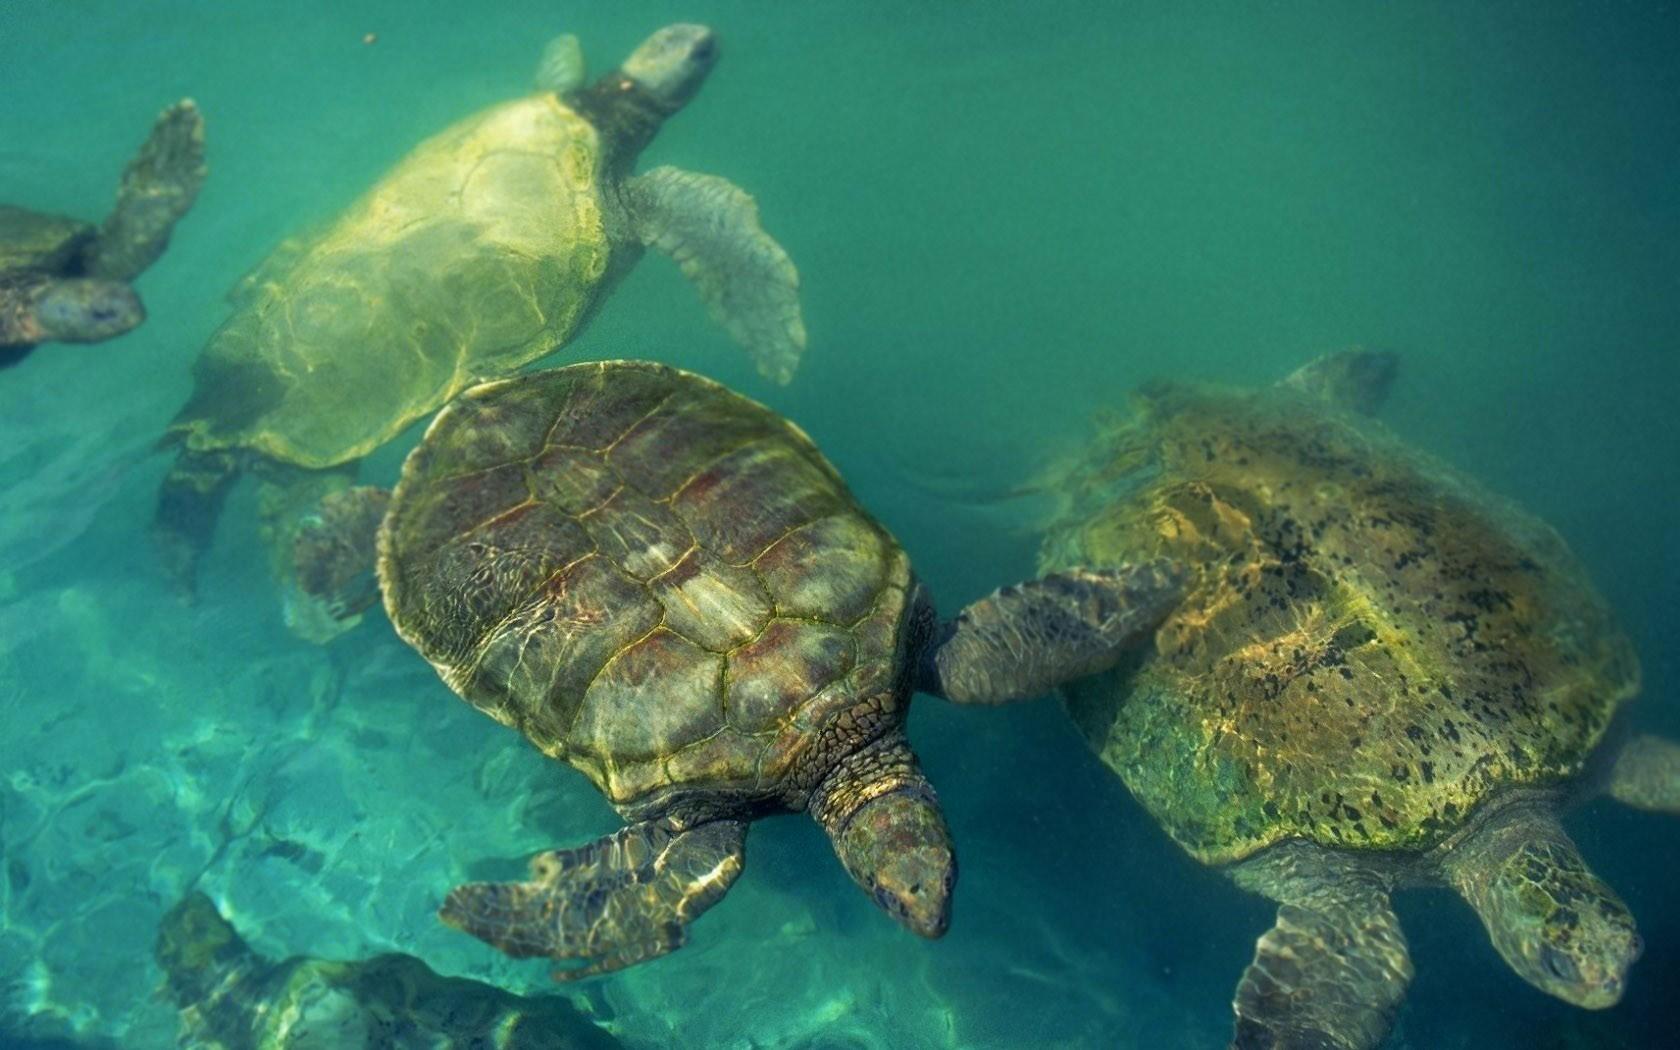 Tortugas buceando - 1680x1050